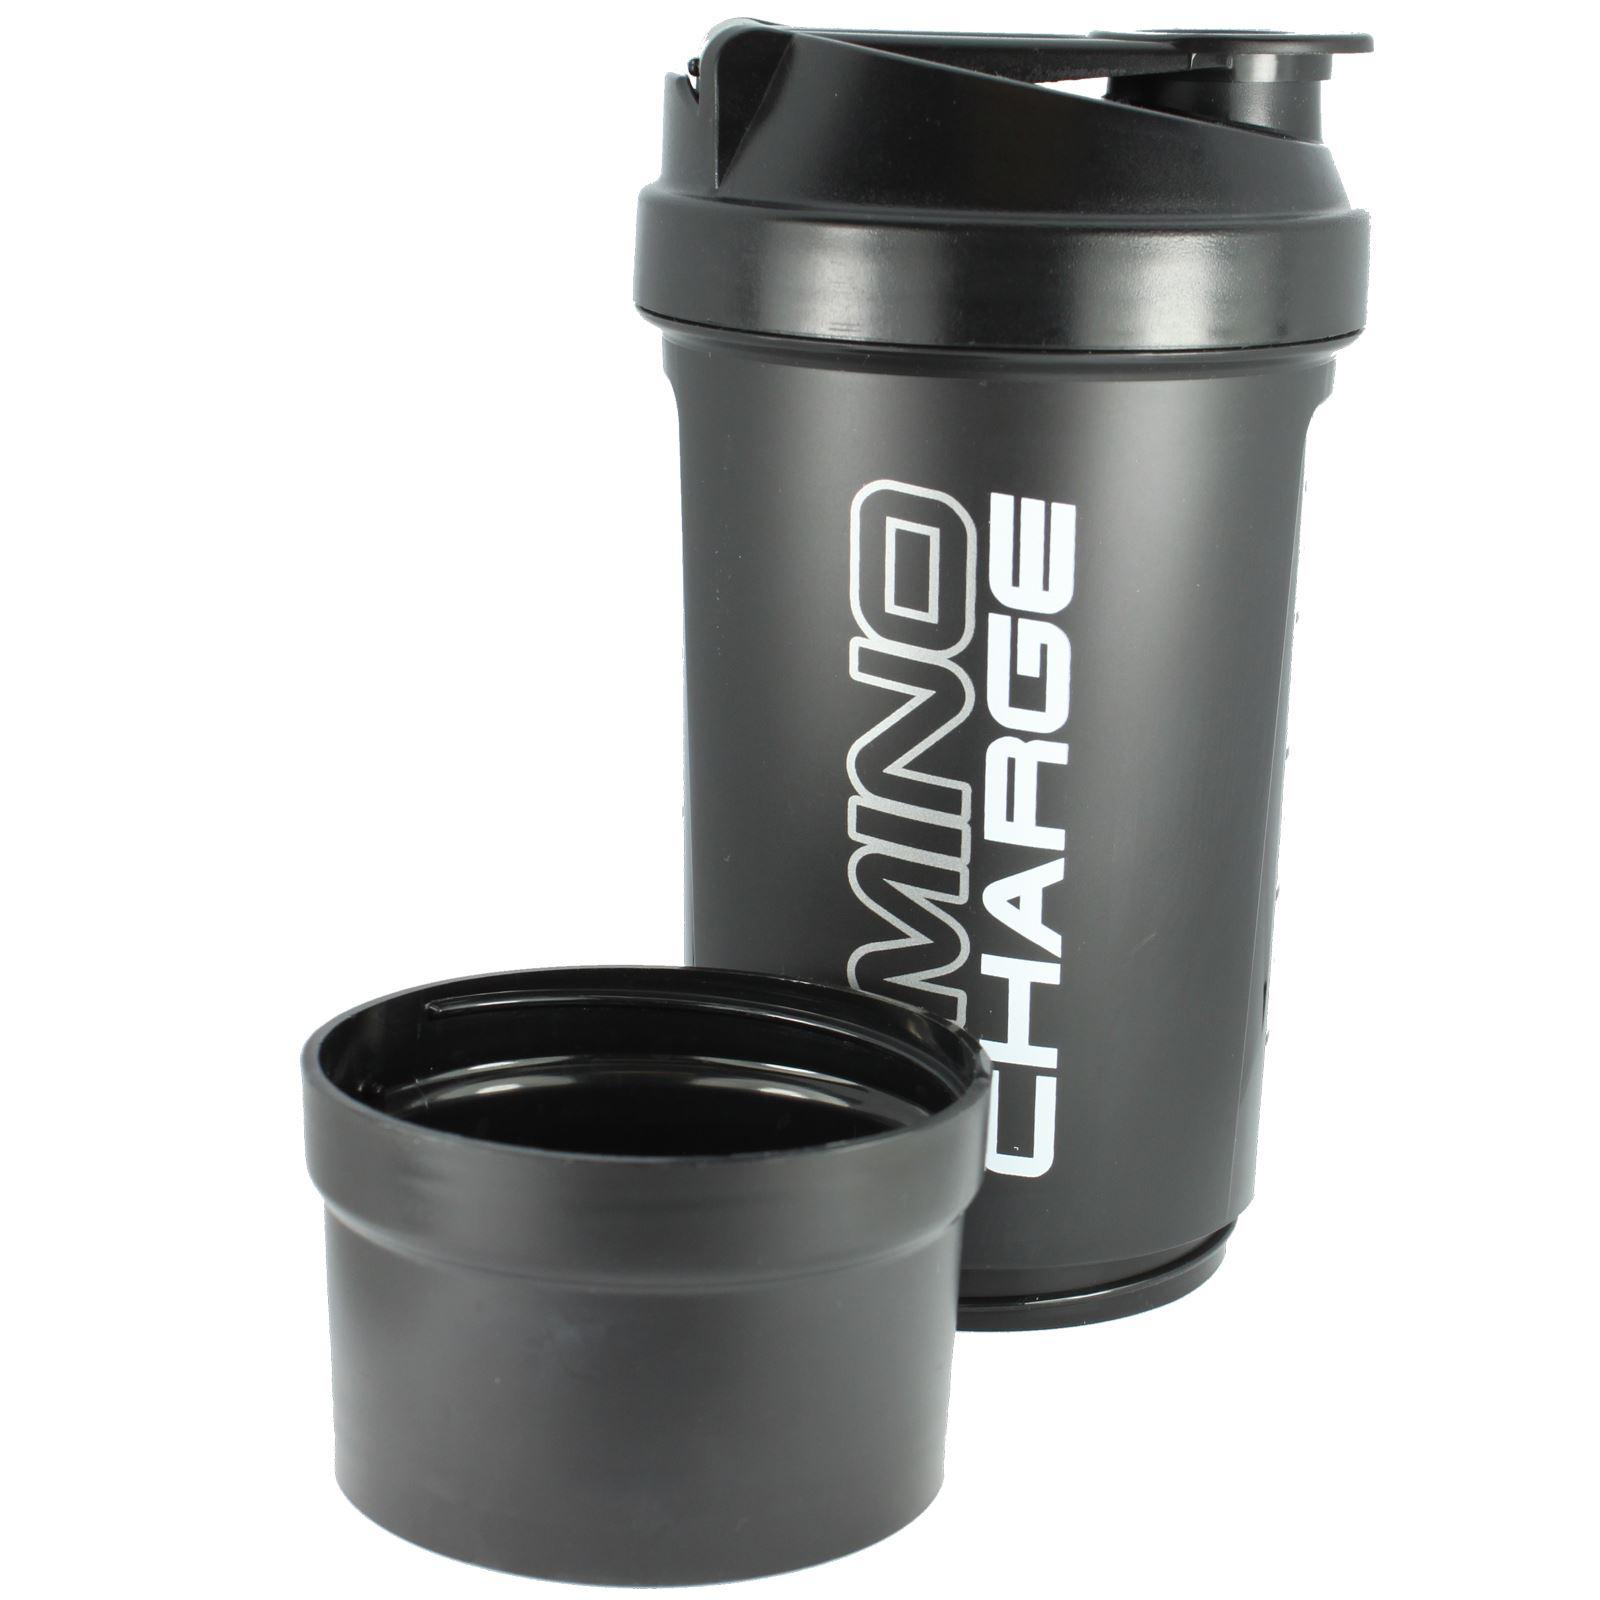 Protein Shaker Ne Kadar: Scitec Nutrition Protein Shaker Bottle 500ml Shake Mixer